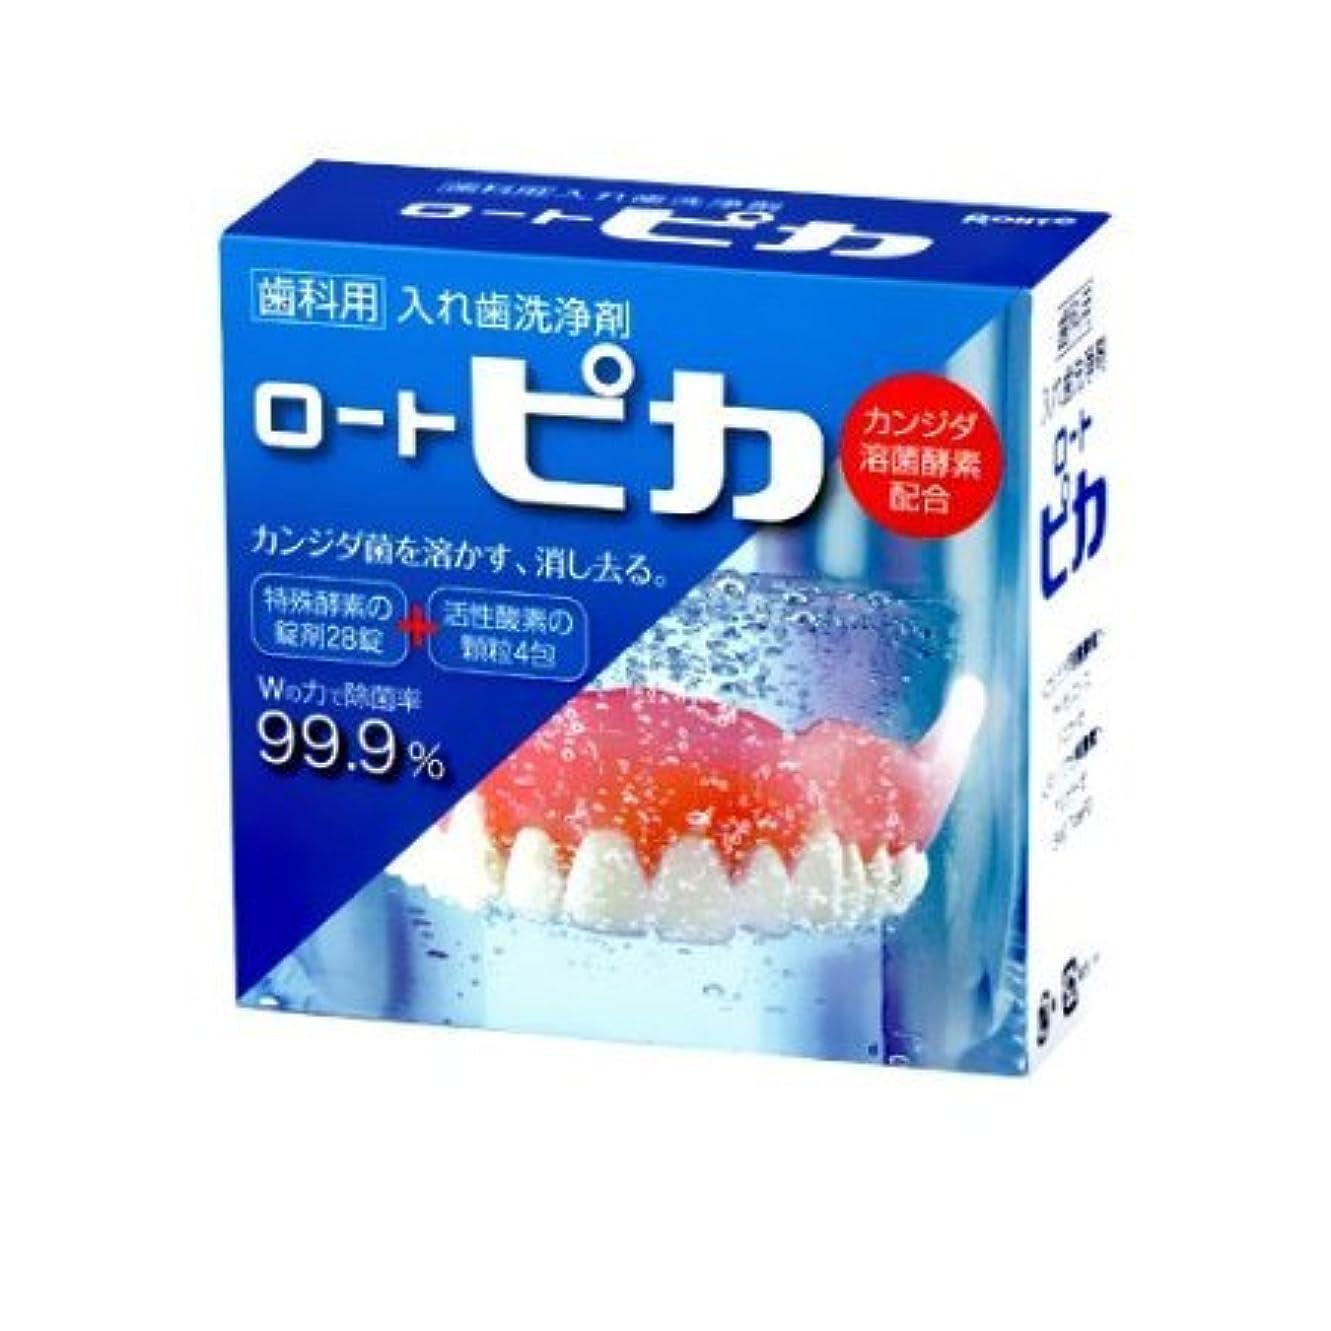 不屈魅力的であることへのアピール責入れ歯洗浄剤 ピカ カンジダ菌を溶菌除去!